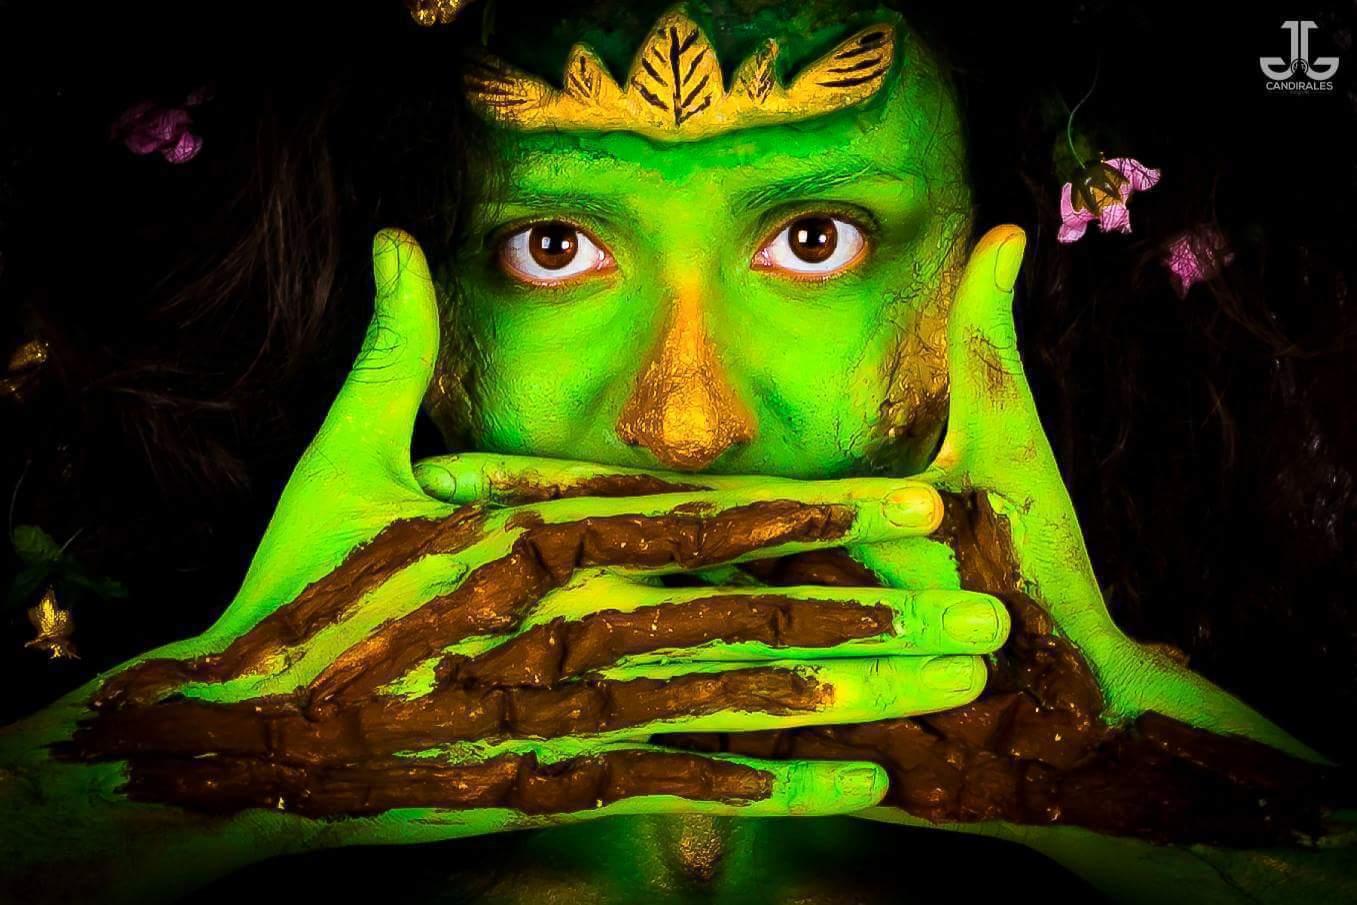 Deusa Asherah  #makeup #conceptualmakeup #maquiagemconceitual #maquiagem #maquiagemartística #artisticmakeup #bodypainting #pinturacorporal maquiagem maquiador(a)